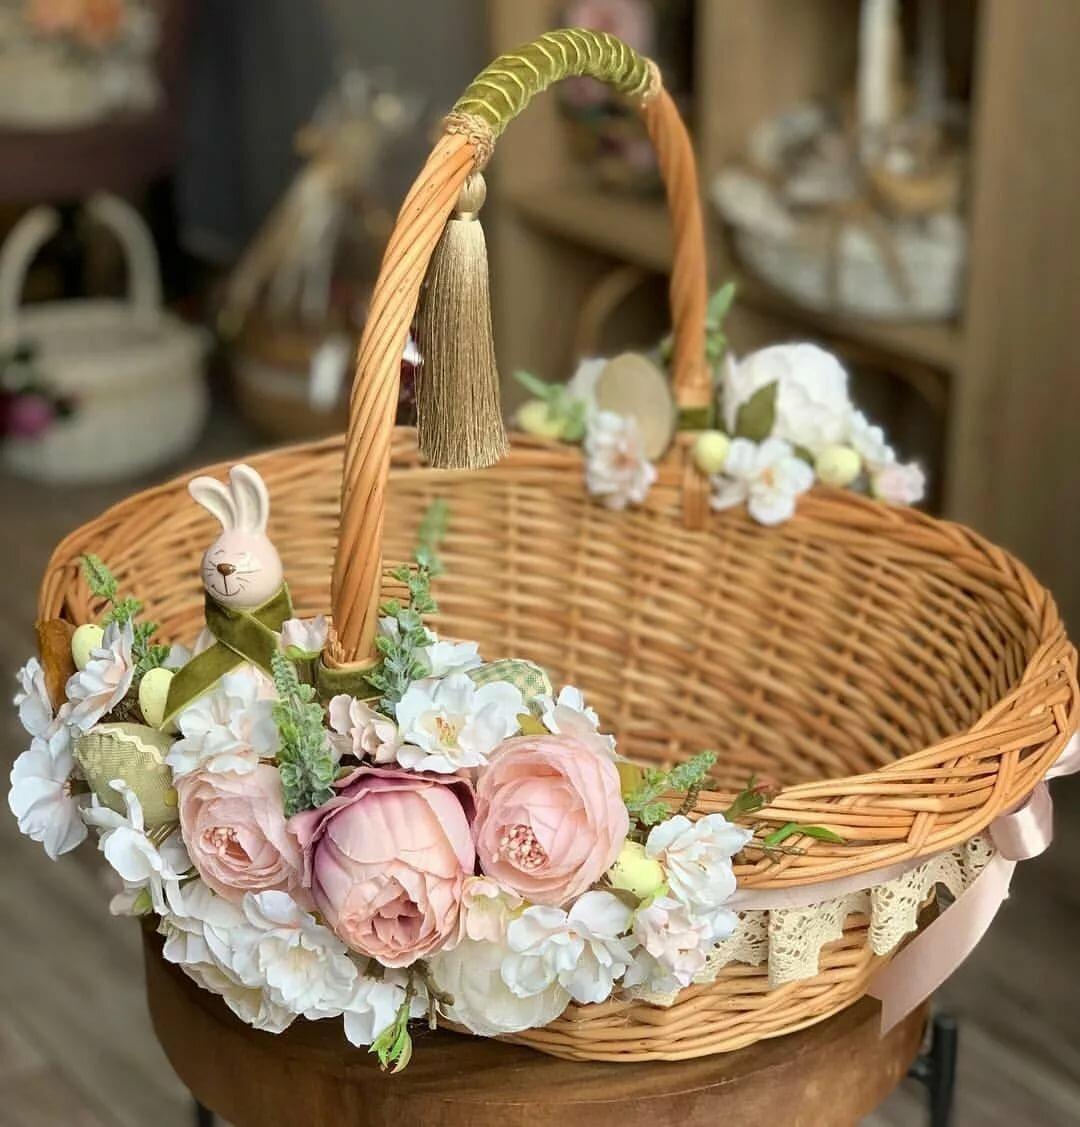 которая картинки плетеных корзин с цветами своей стороны, желаем